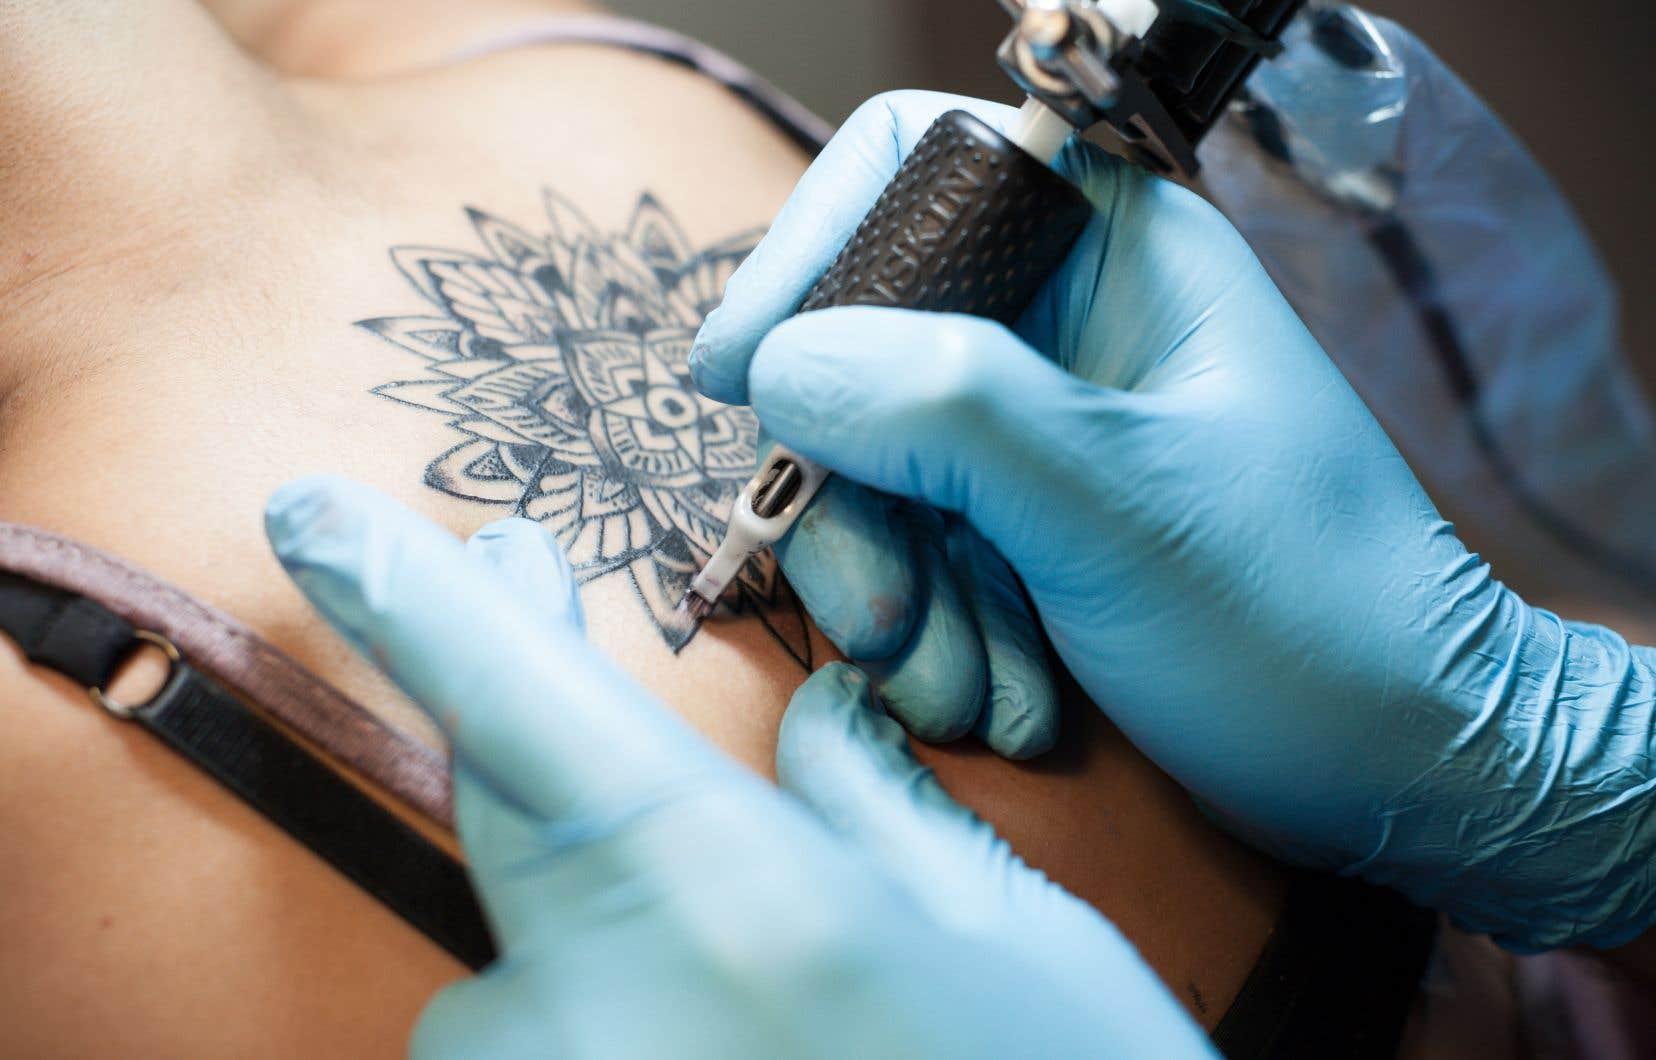 Comment Expliquer La Popularite Exponentielle Du Tatouage Le Devoir